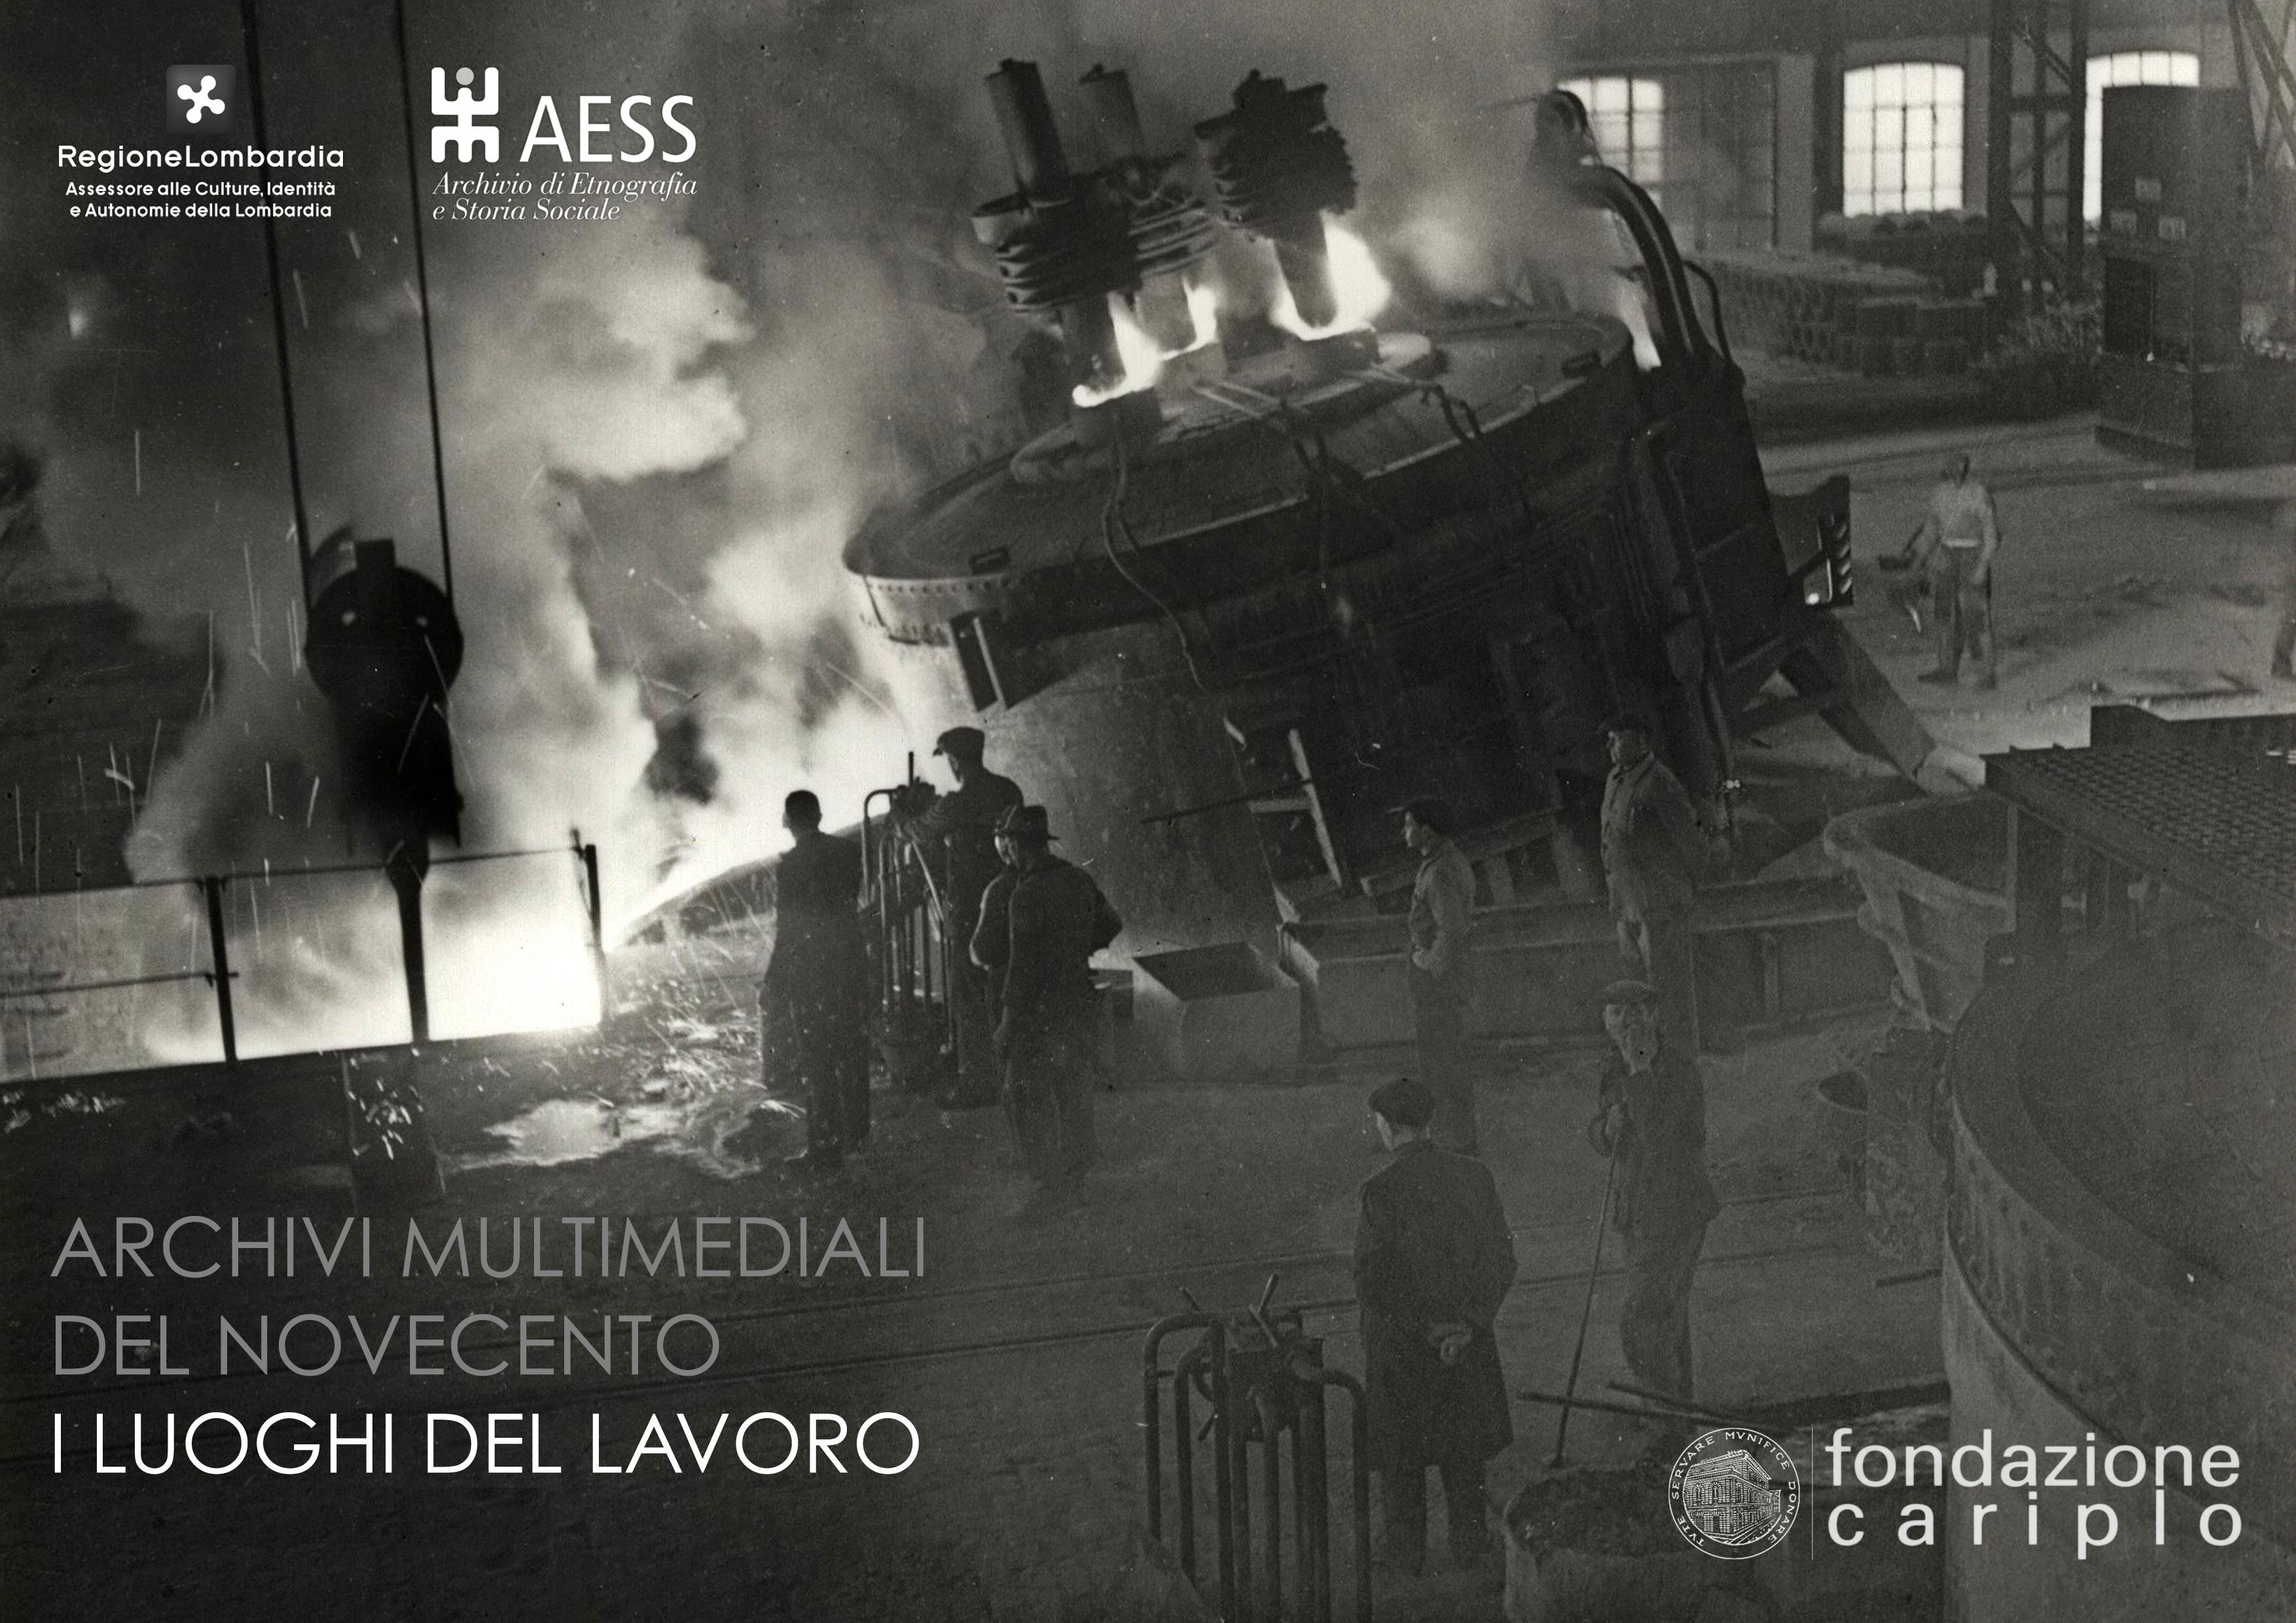 Archivi multimediali del '900 – I luoghi del lavoro (2006-2008)